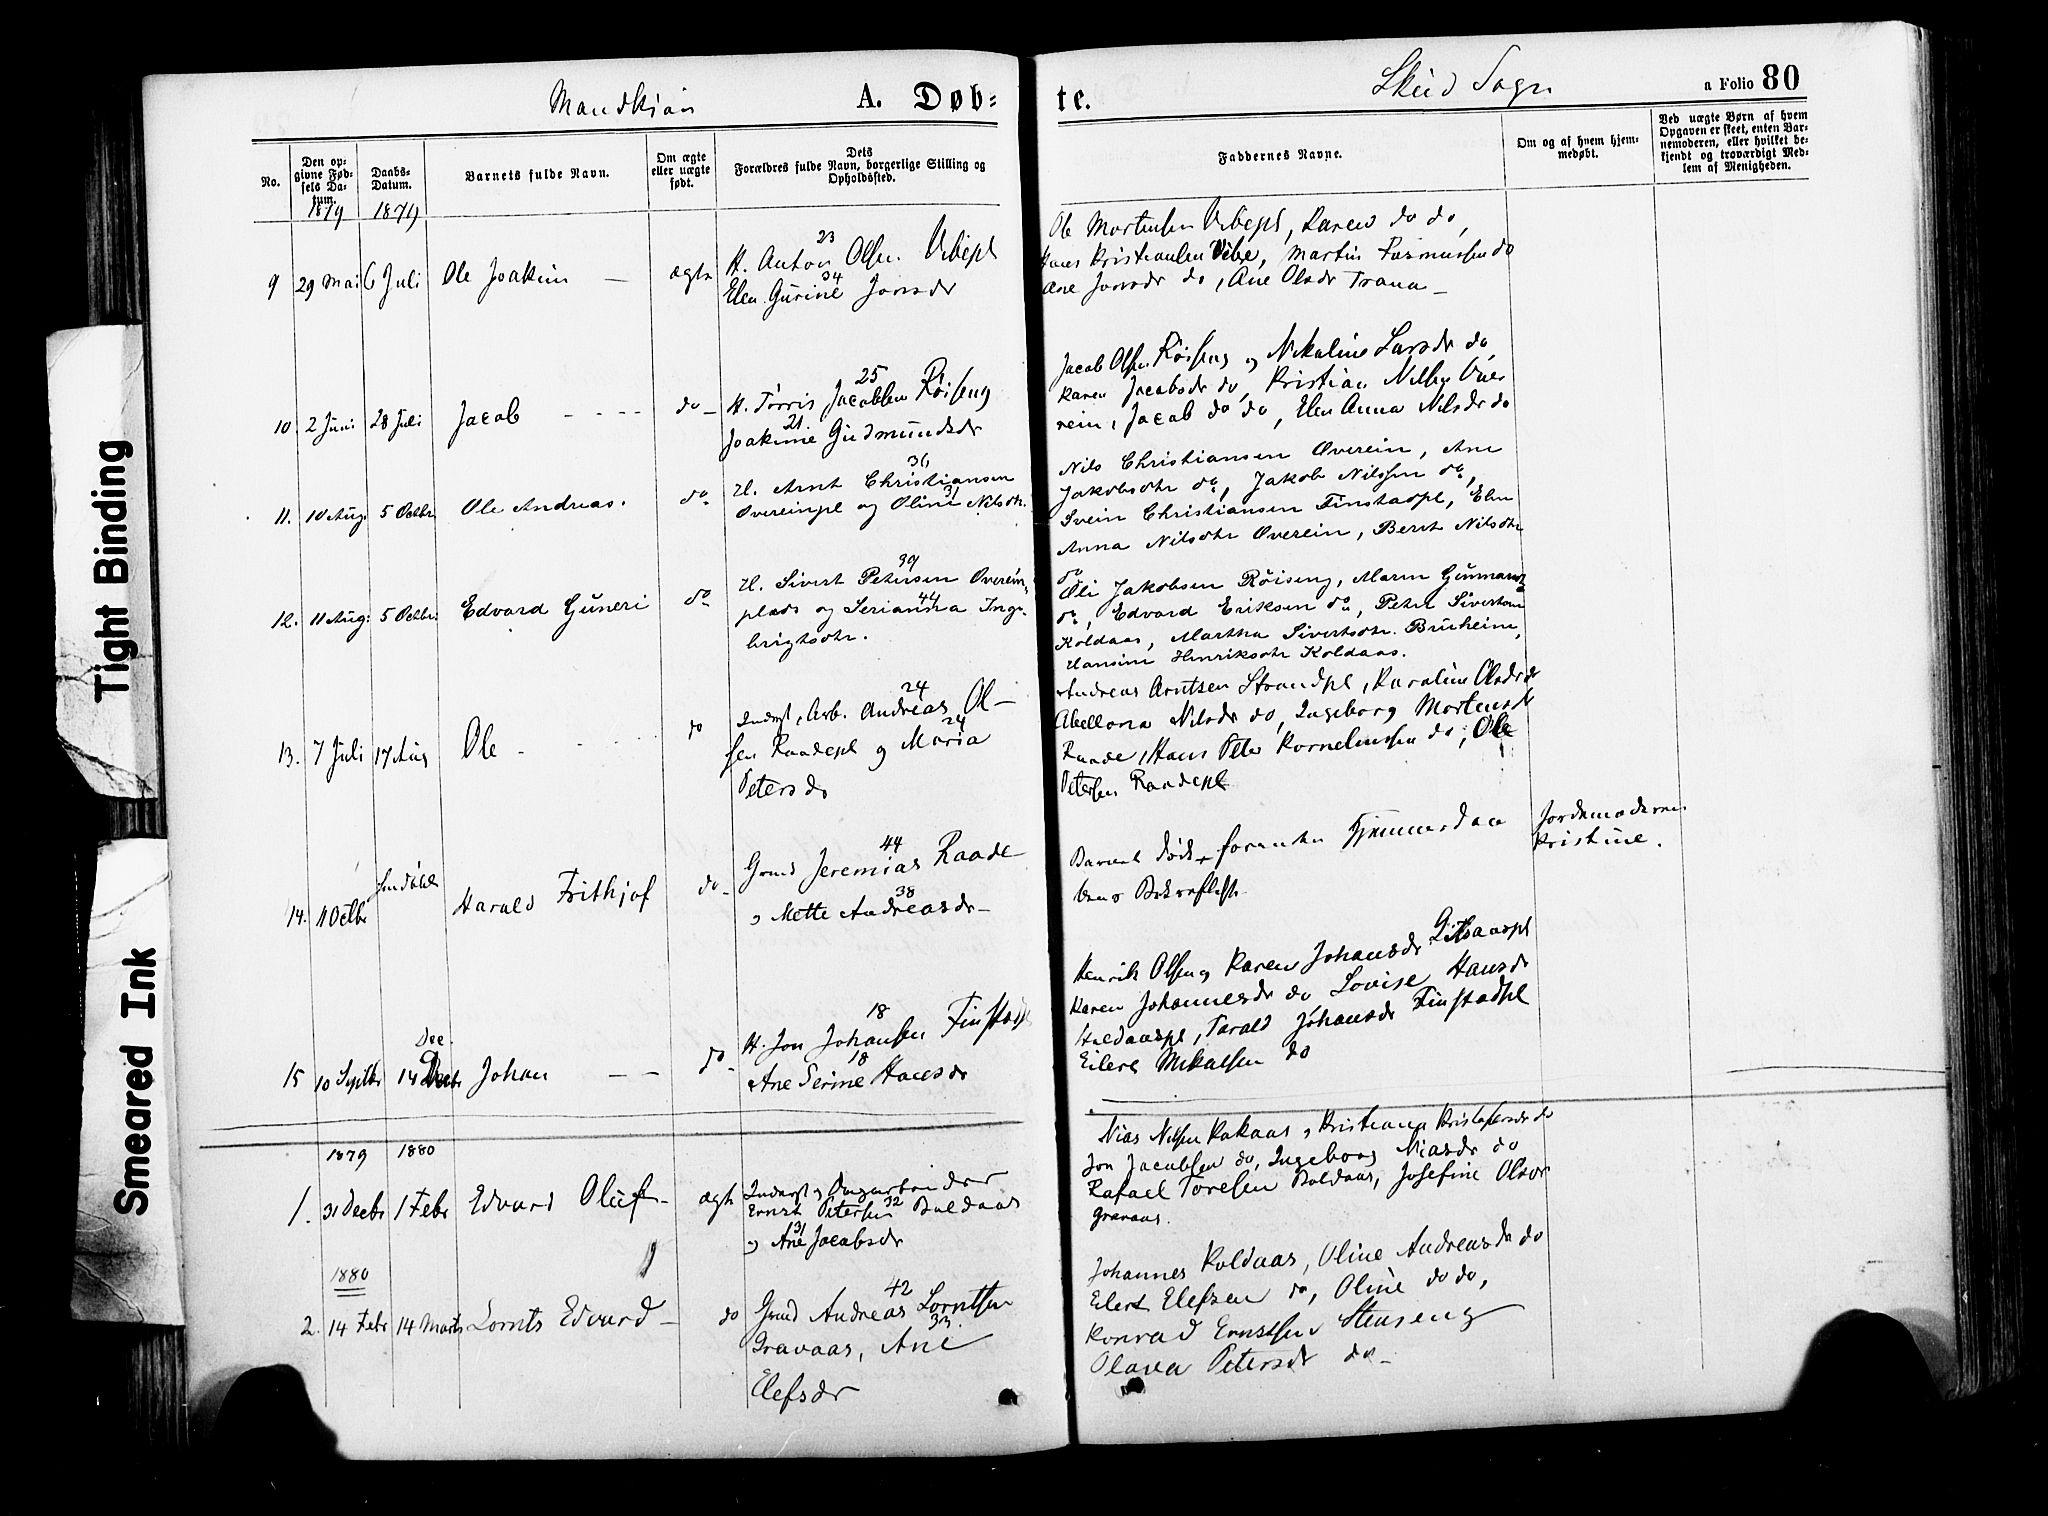 SAT, Ministerialprotokoller, klokkerbøker og fødselsregistre - Nord-Trøndelag, 735/L0348: Ministerialbok nr. 735A09 /2, 1873-1883, s. 80